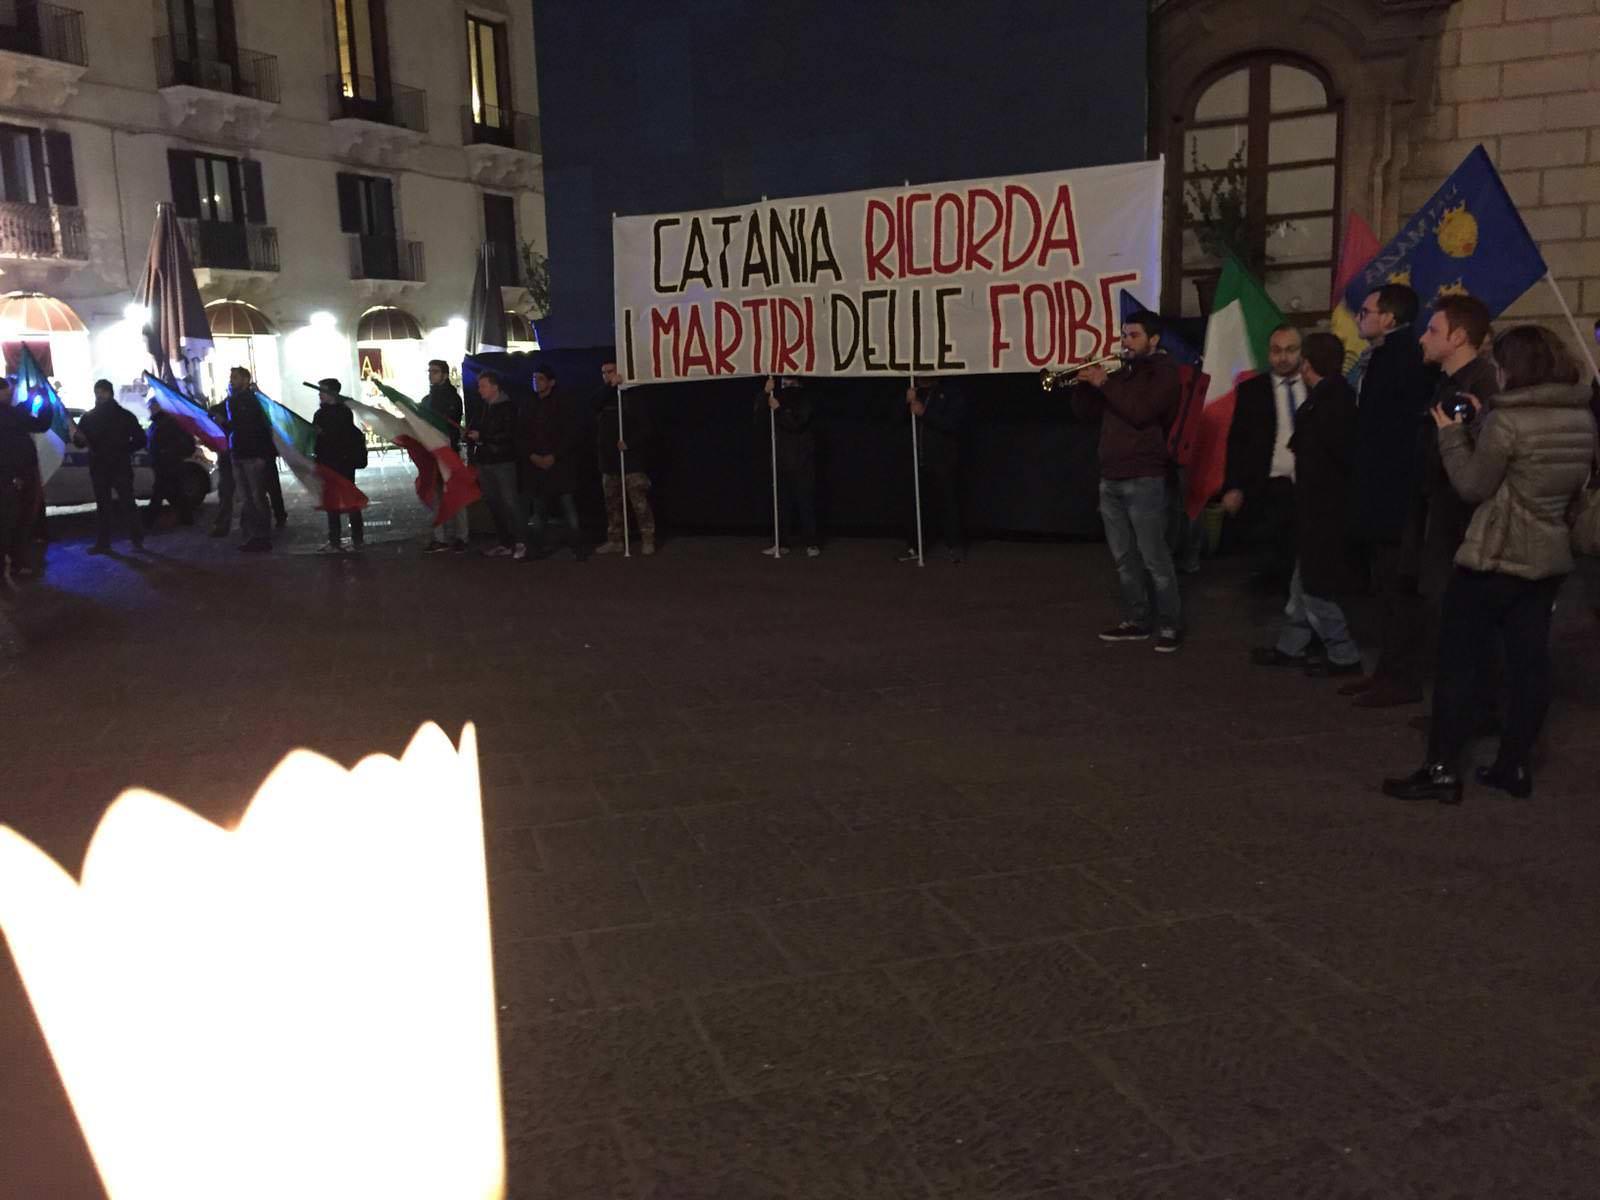 Nessun divario tra Nord e Sud: anche Catania ricorda vittime delle foibe